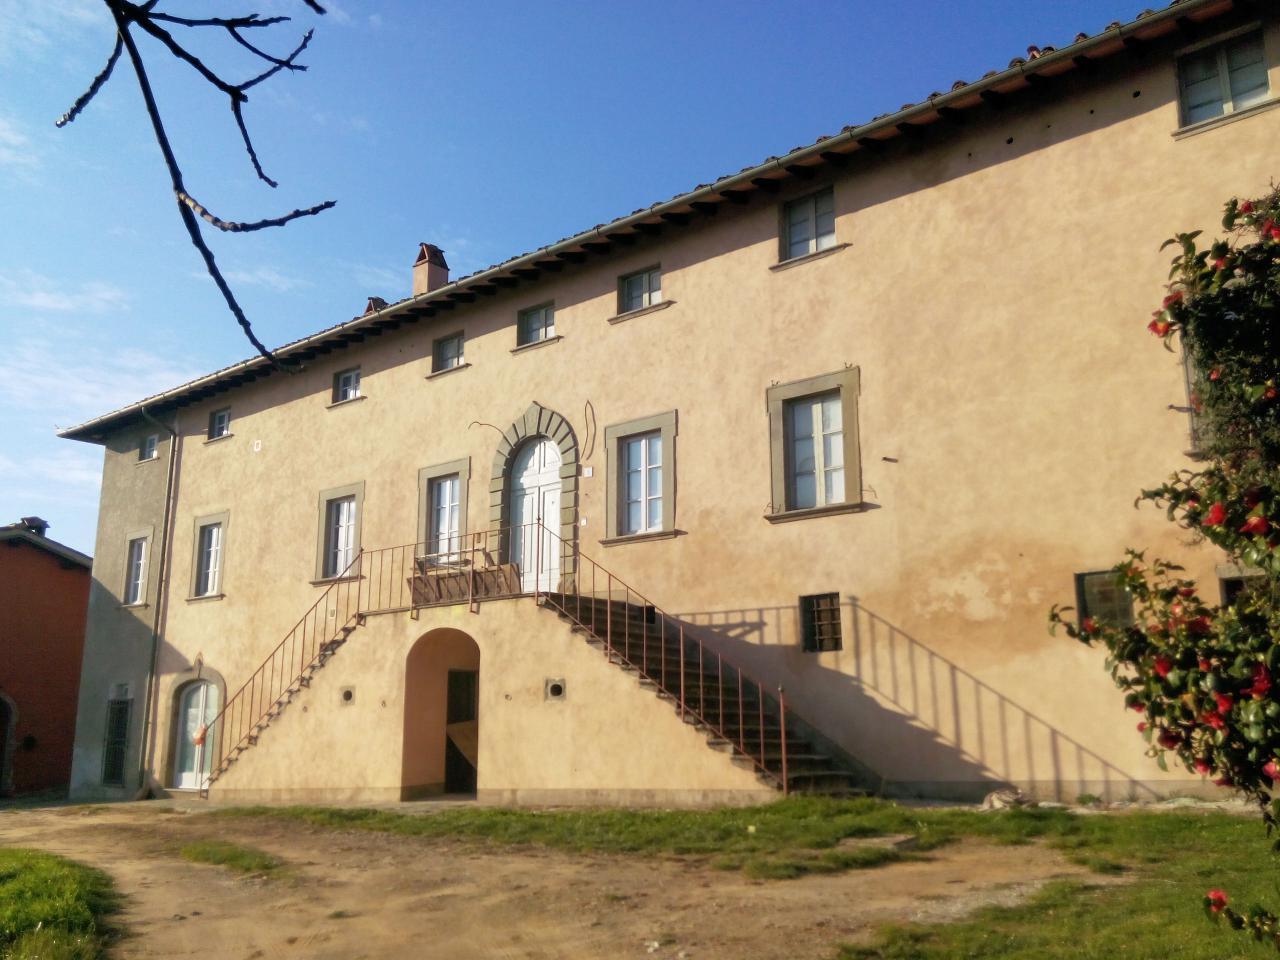 Appartamento in vendita a Massa e Cozzile, 5 locali, zona Zona: Massa, prezzo € 215.000 | Cambio Casa.it